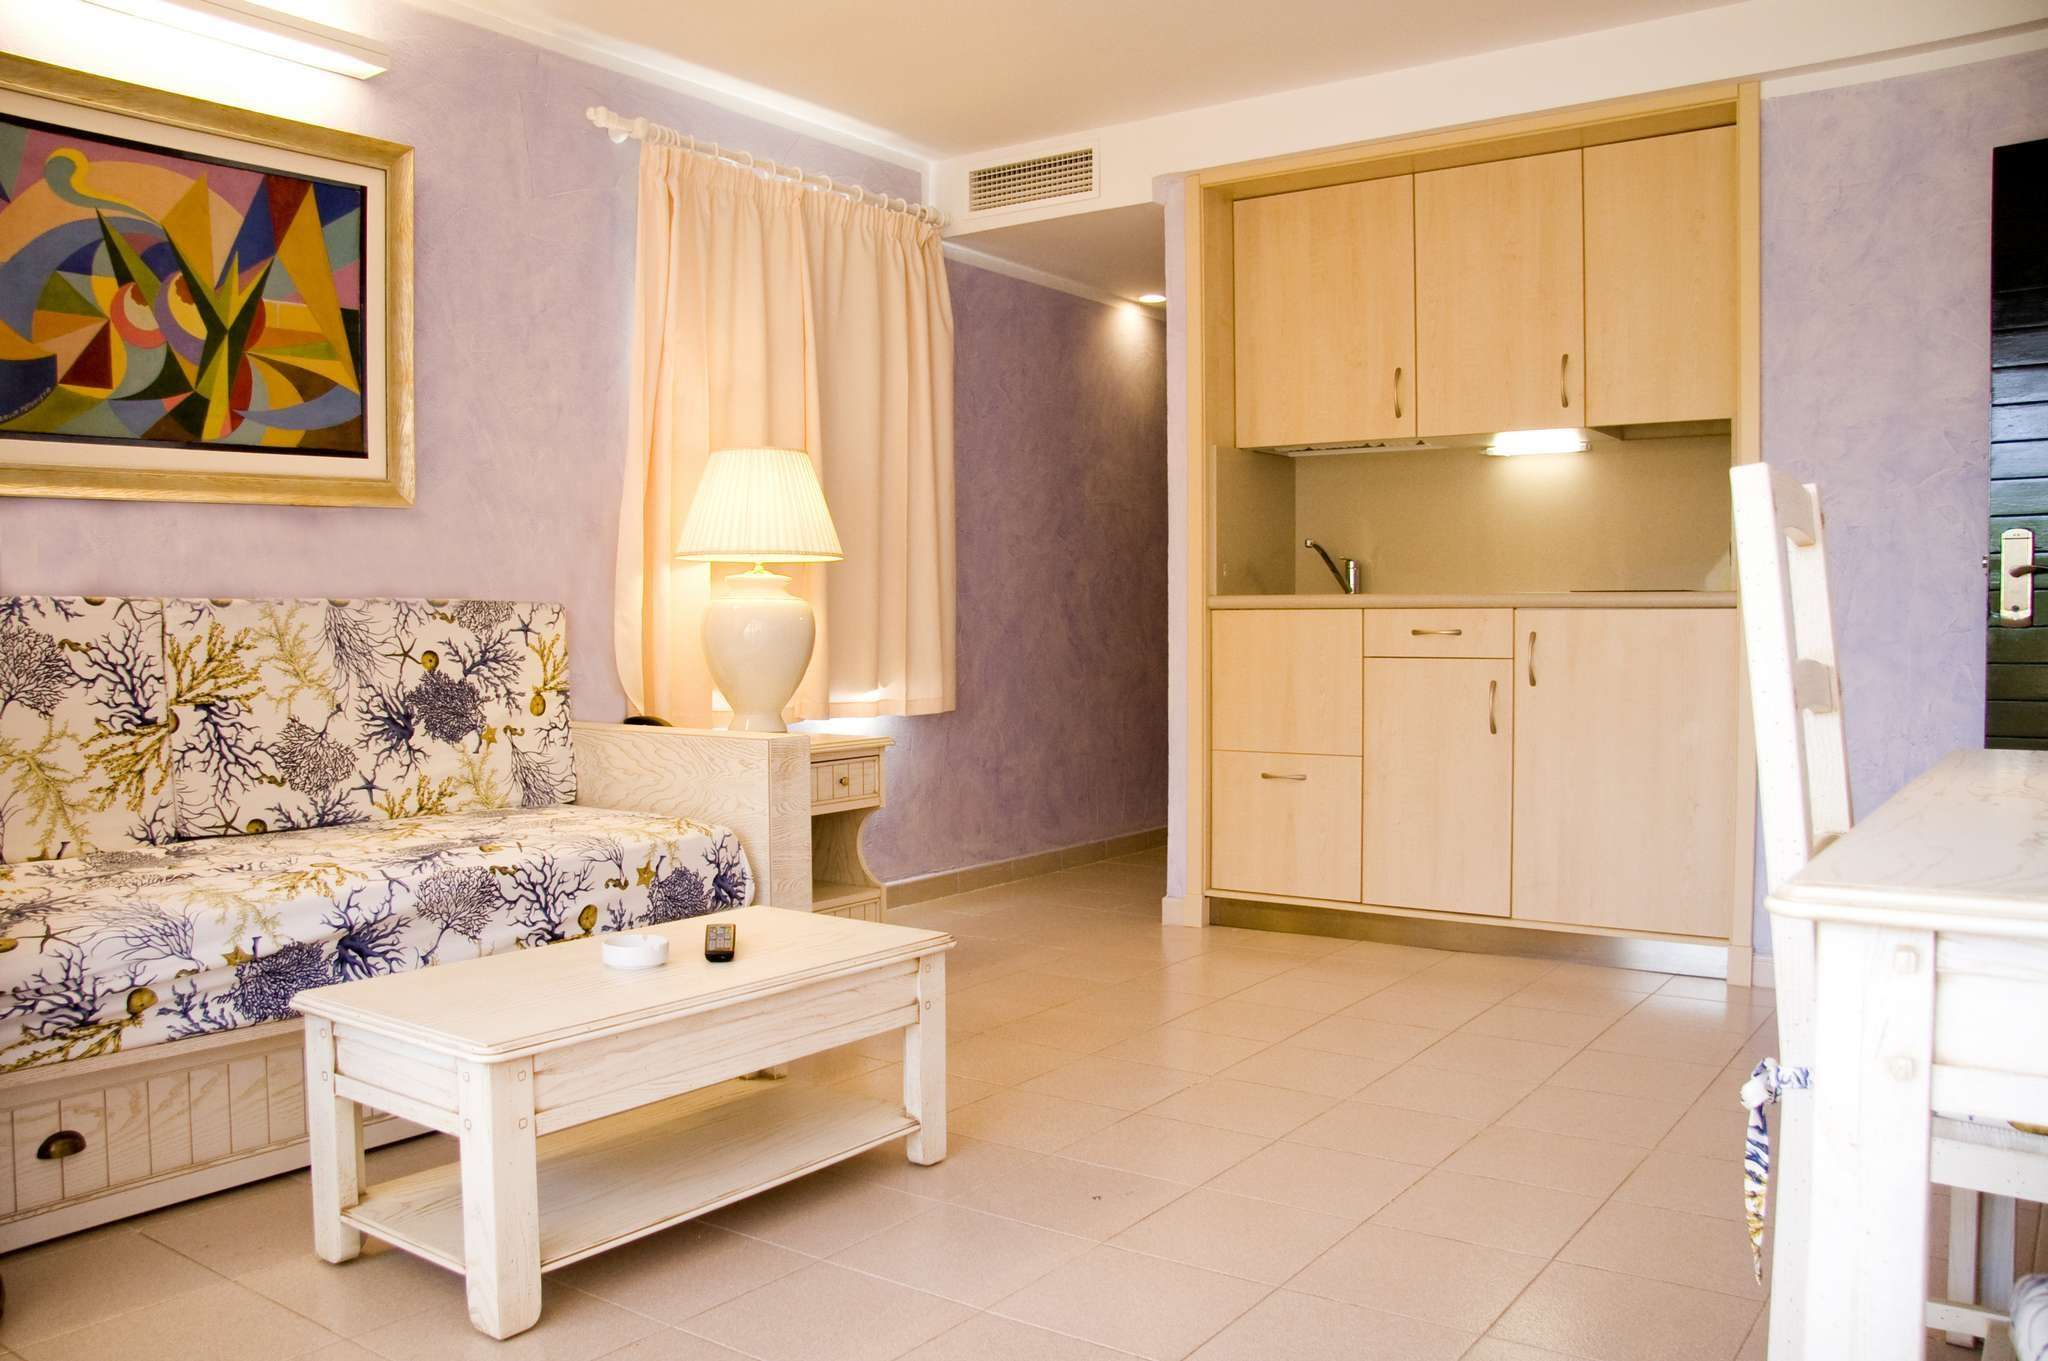 Appartamento con 2 camere da letto vista mare per andare a minorca con i bambini - Camere da letto mare ...